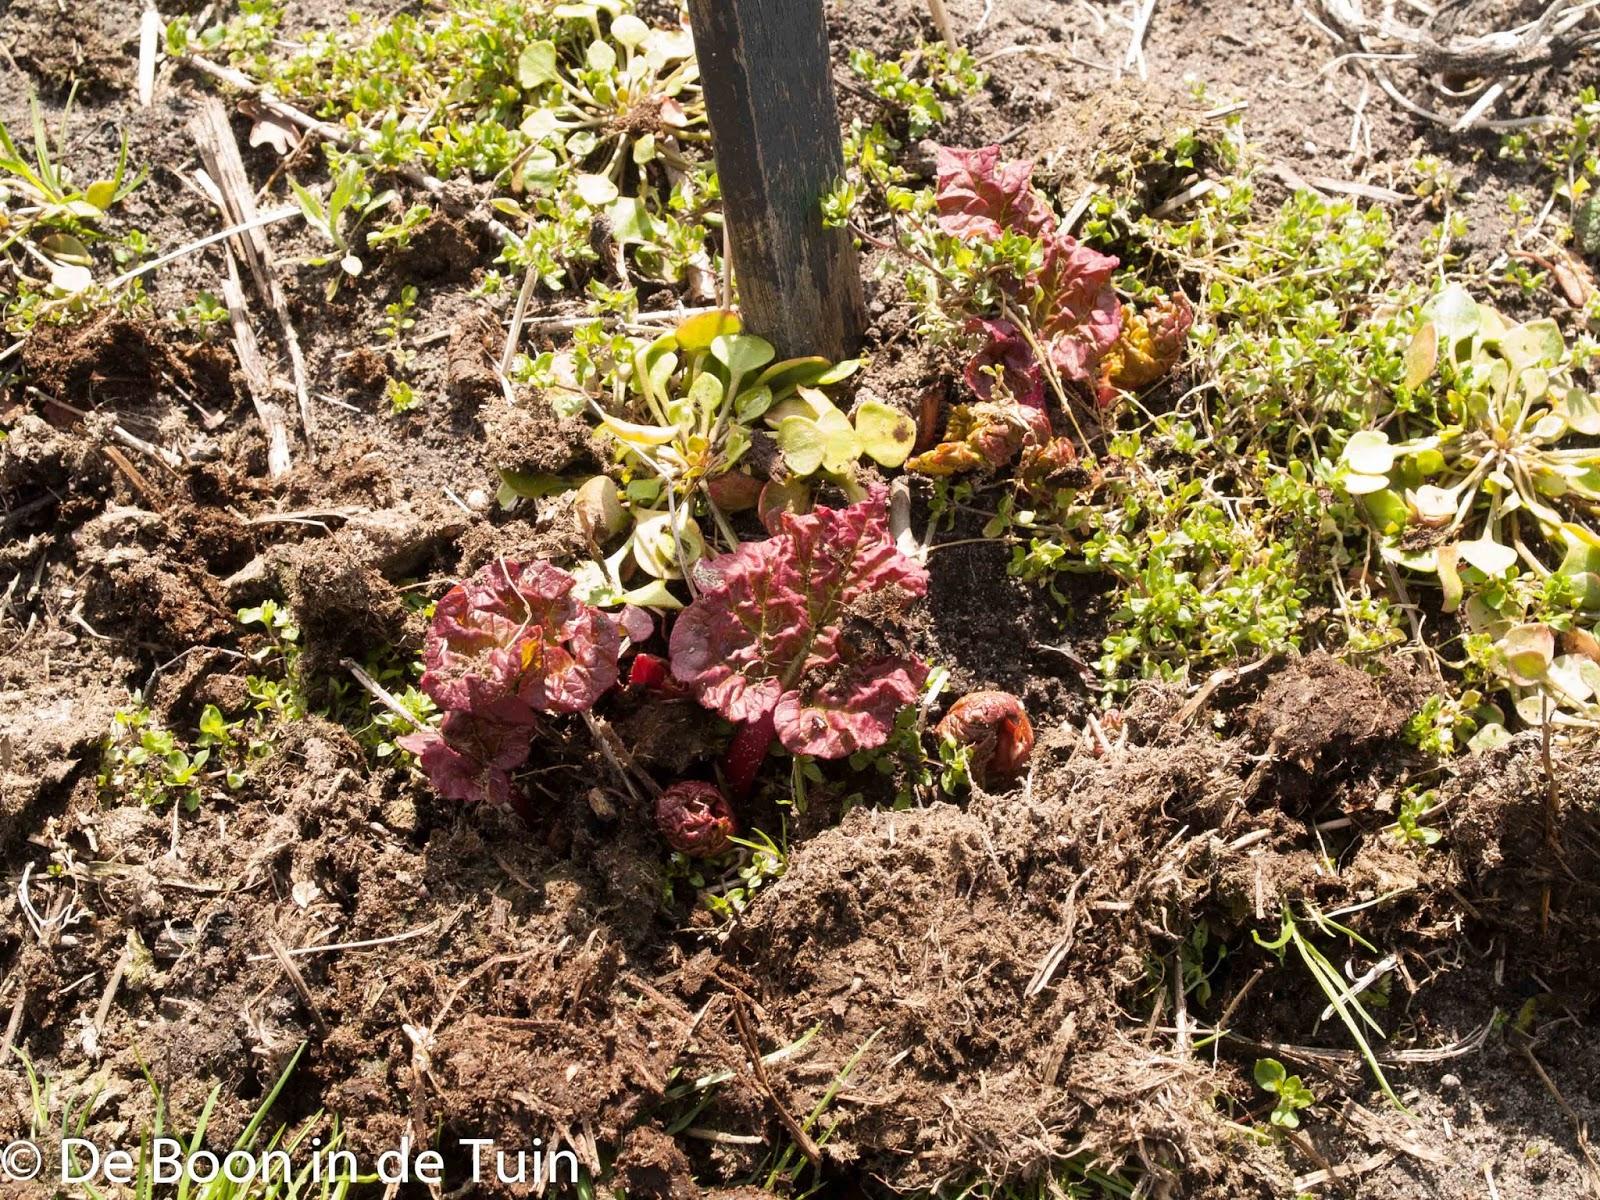 moestuin volkstuin lente voorjaar rabarber knoppen